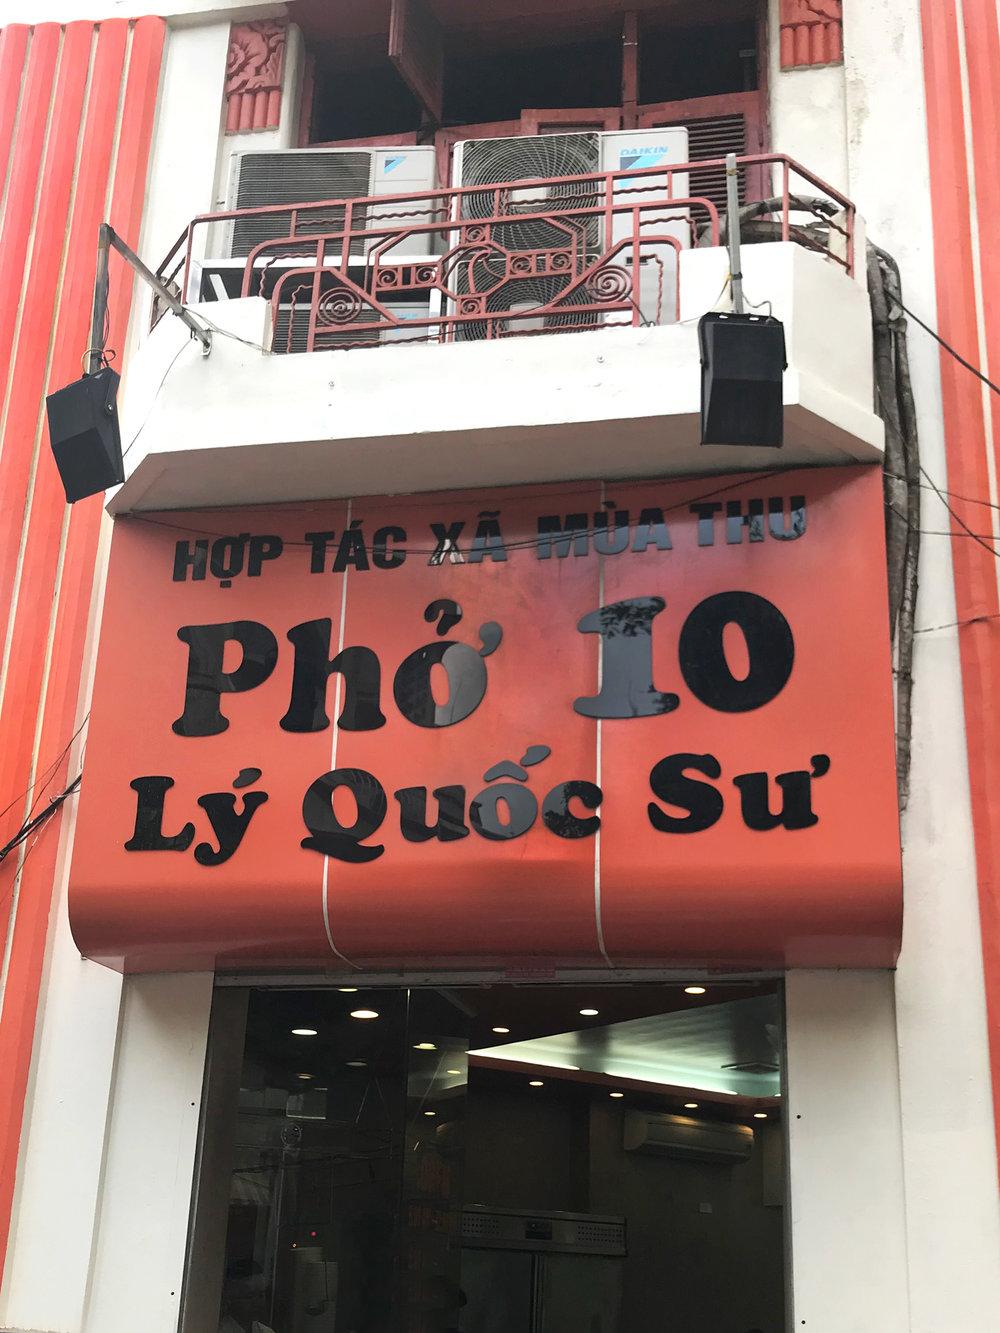 PHO 10 - AMAZING PHO!